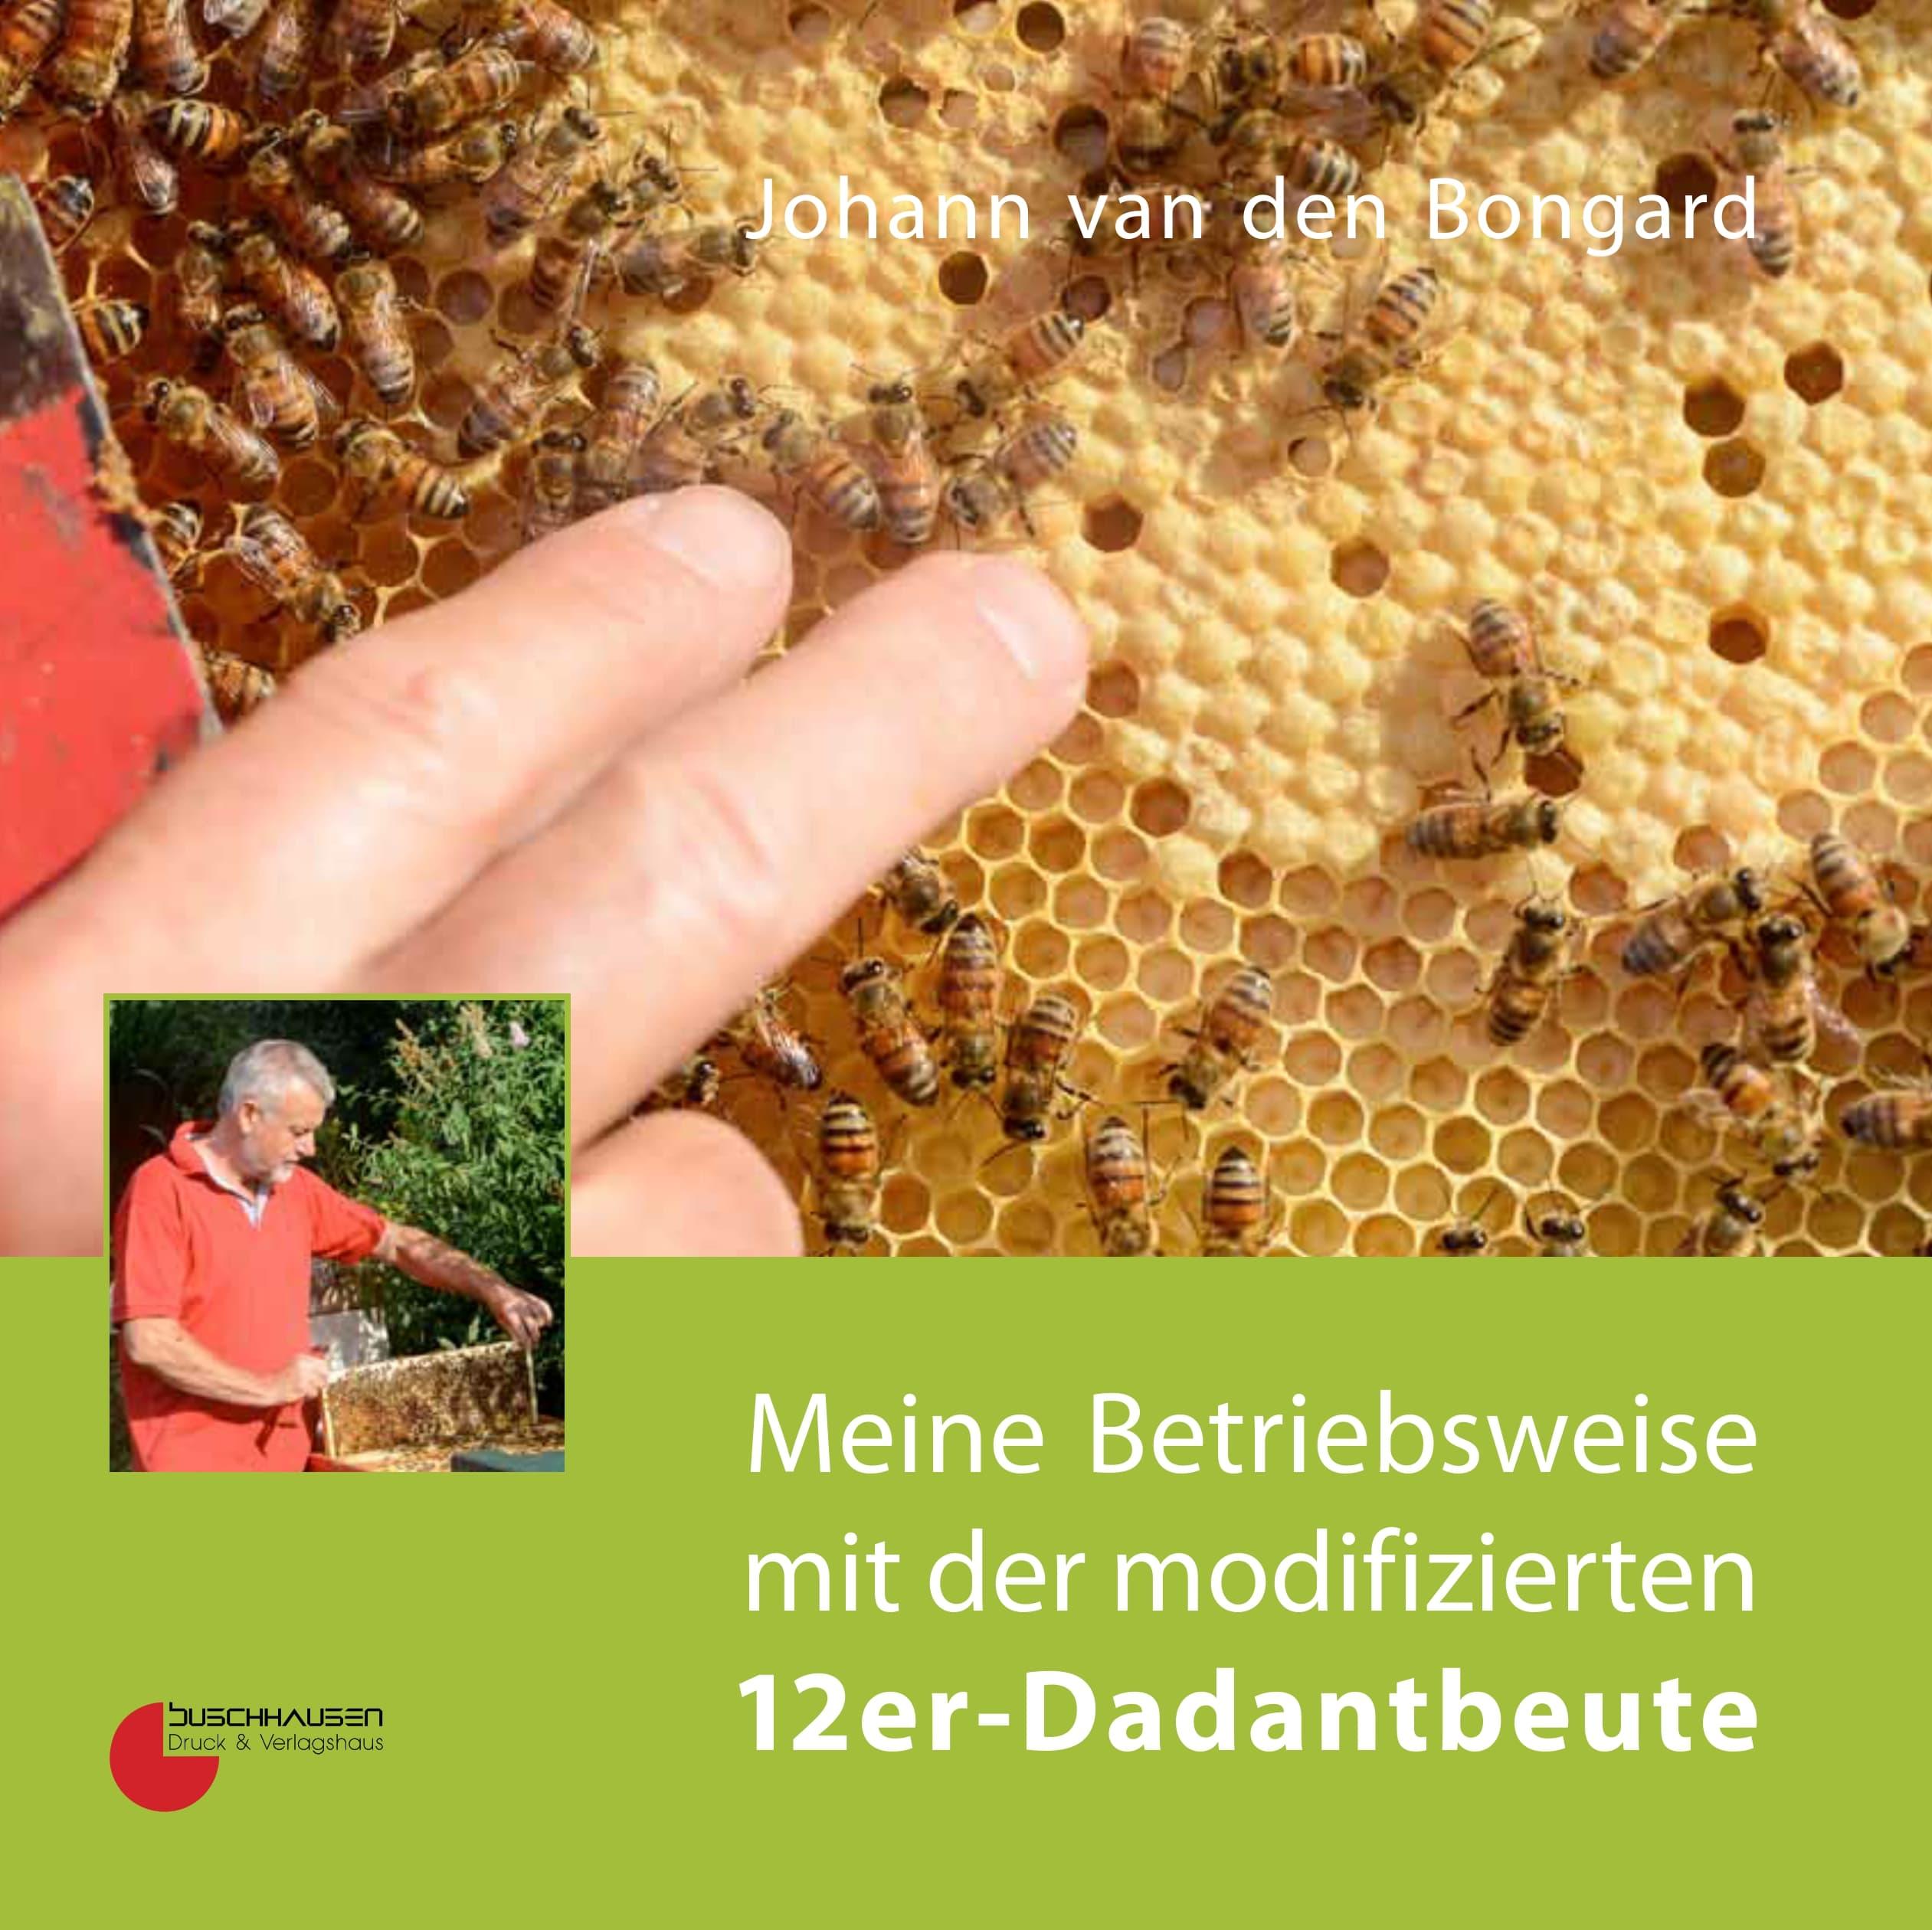 Meine Betriebsweise mit der modifizierten 12er-Dadantbeute, J. van den Bongard, Buschhausen Verlag